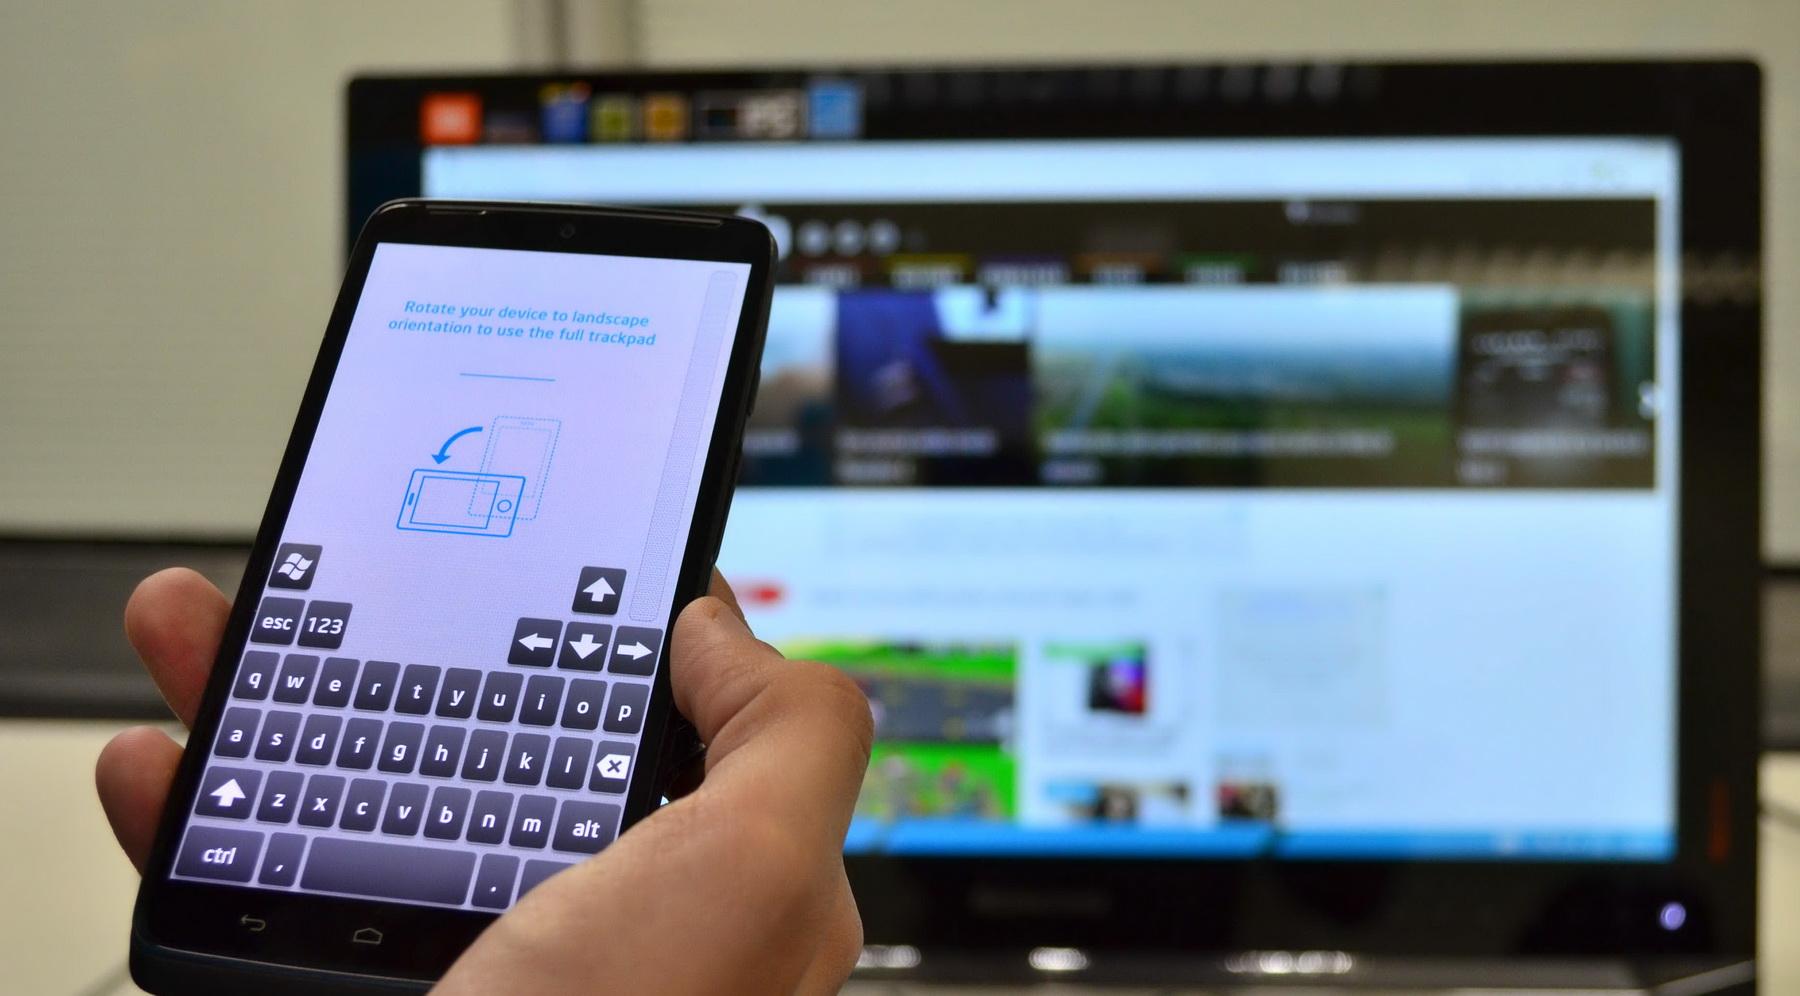 Intel просит пользователей Android удалить приложение Remote Keyboard из-за обнаруженных в нем багов